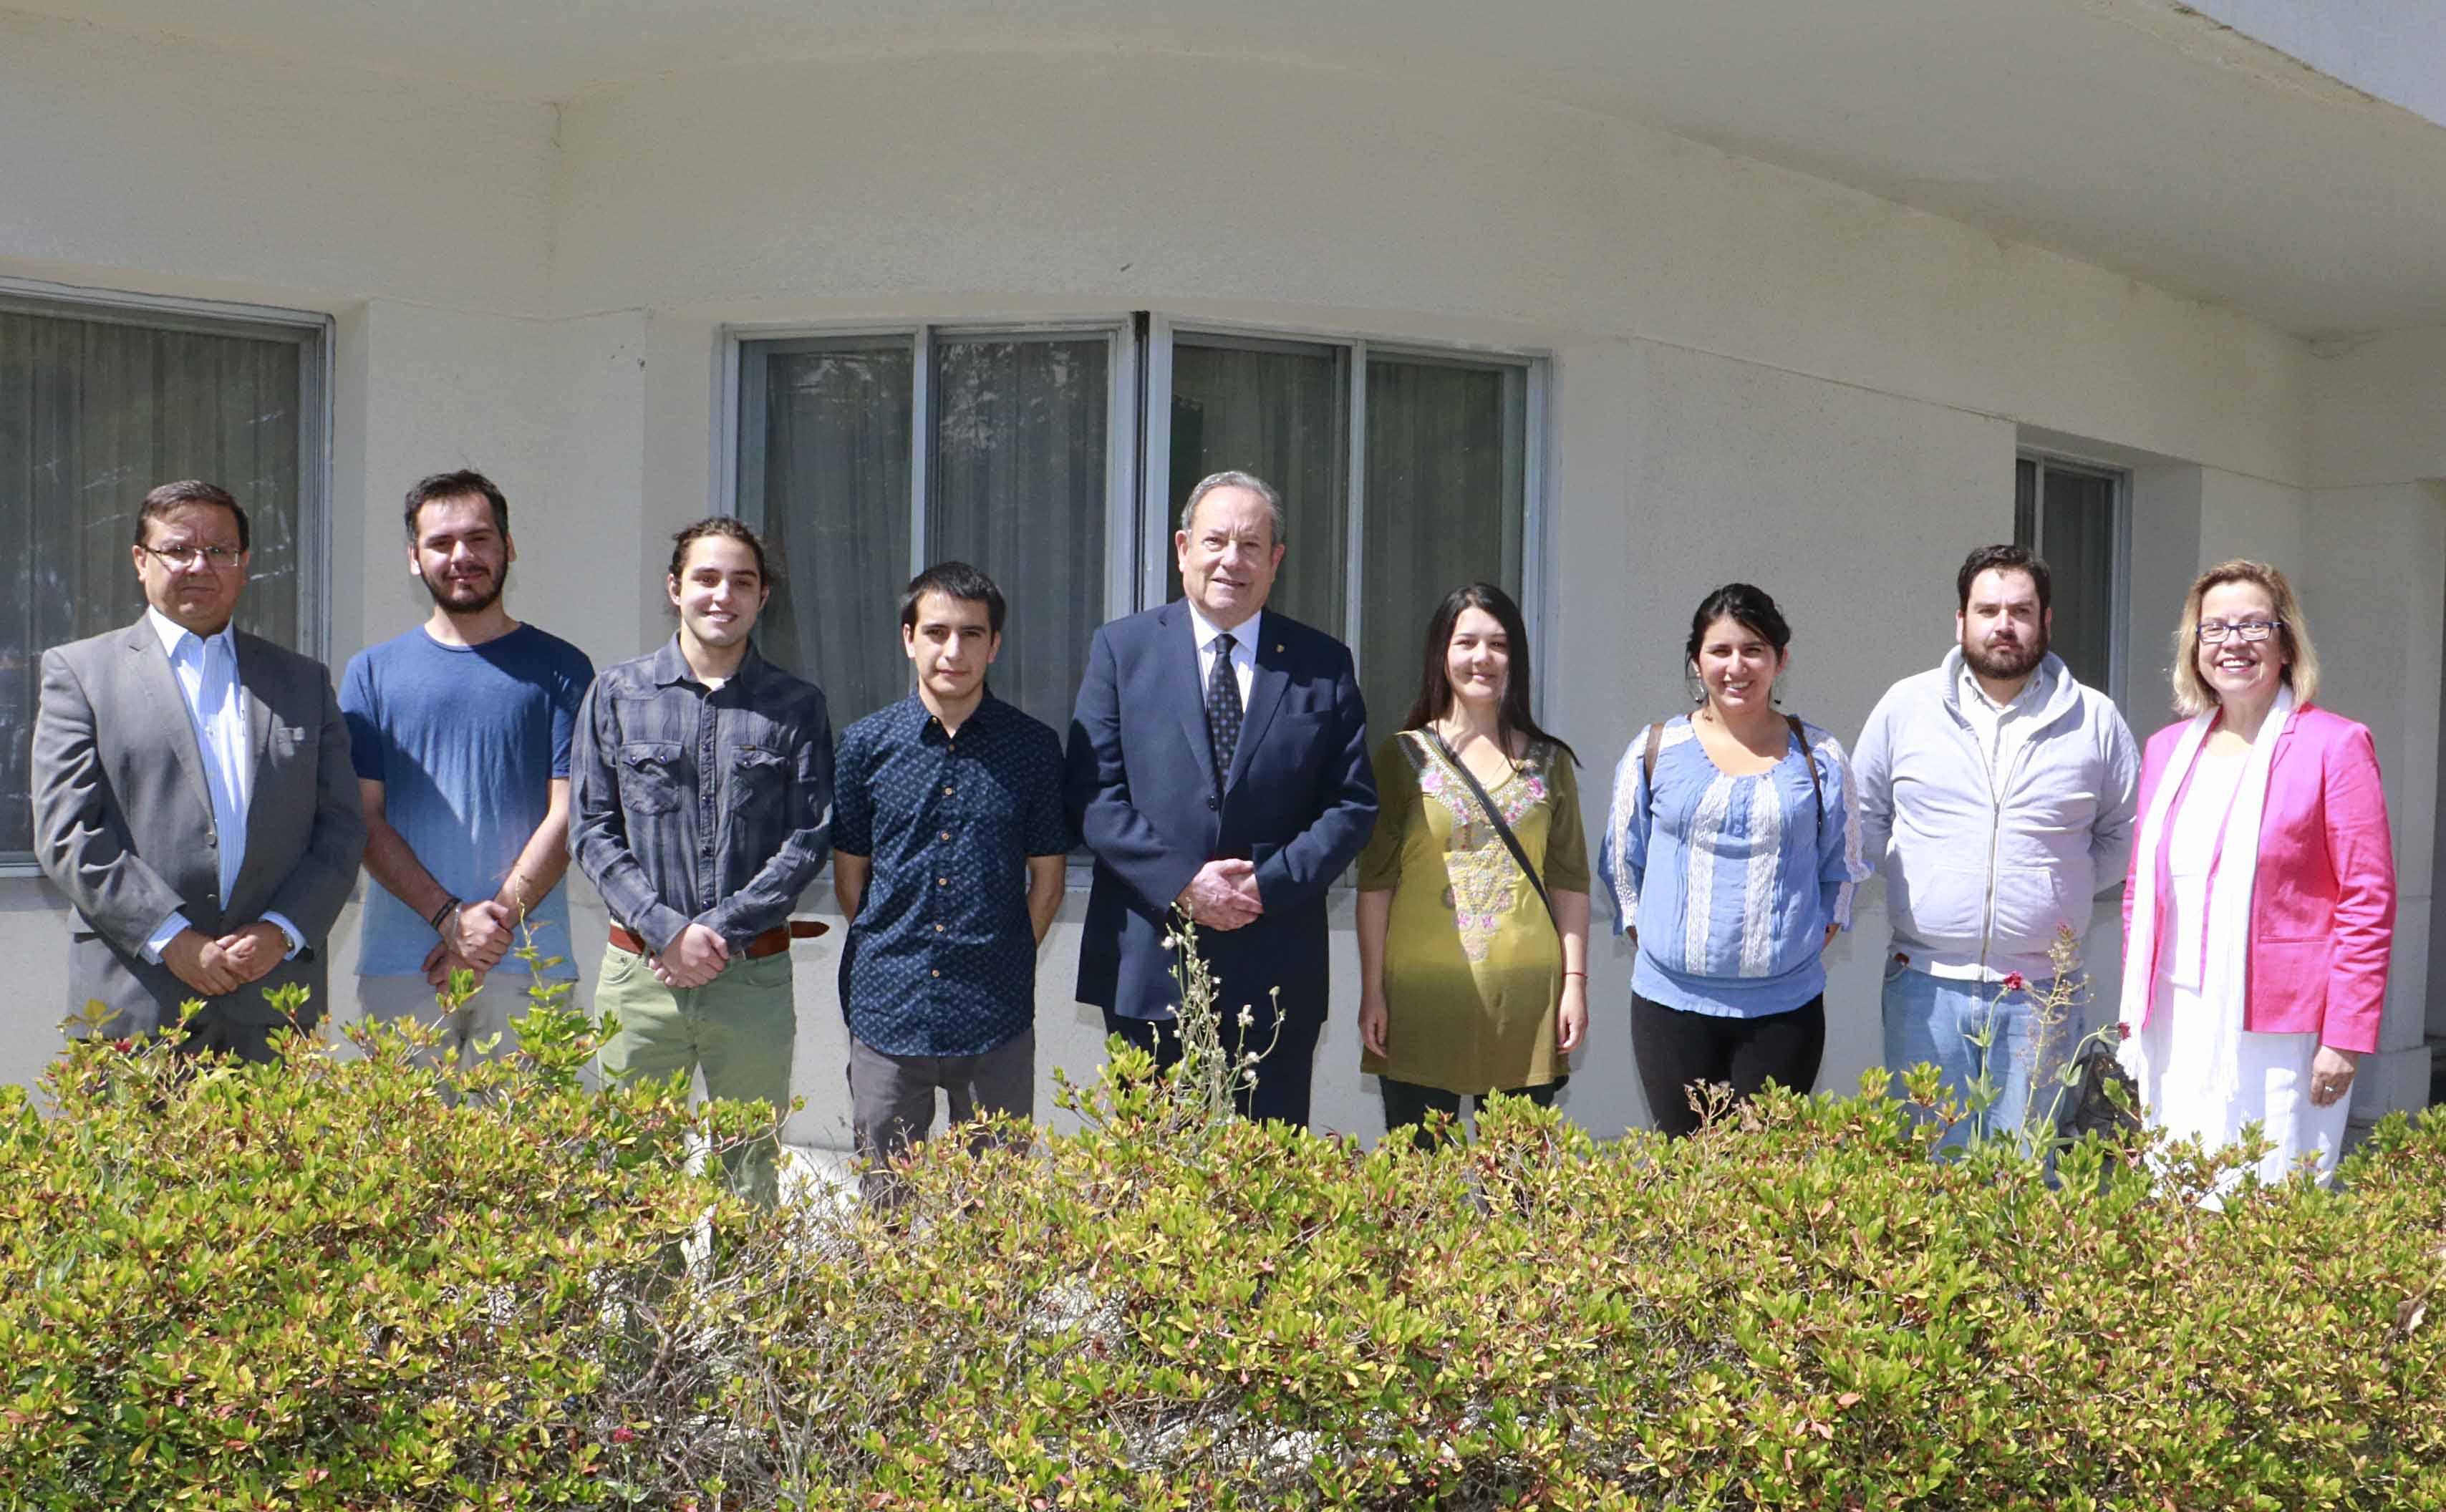 Académica de la Universidad Católica Portuguesa visitó la Universidad en el marco de Proyecto Erasmus